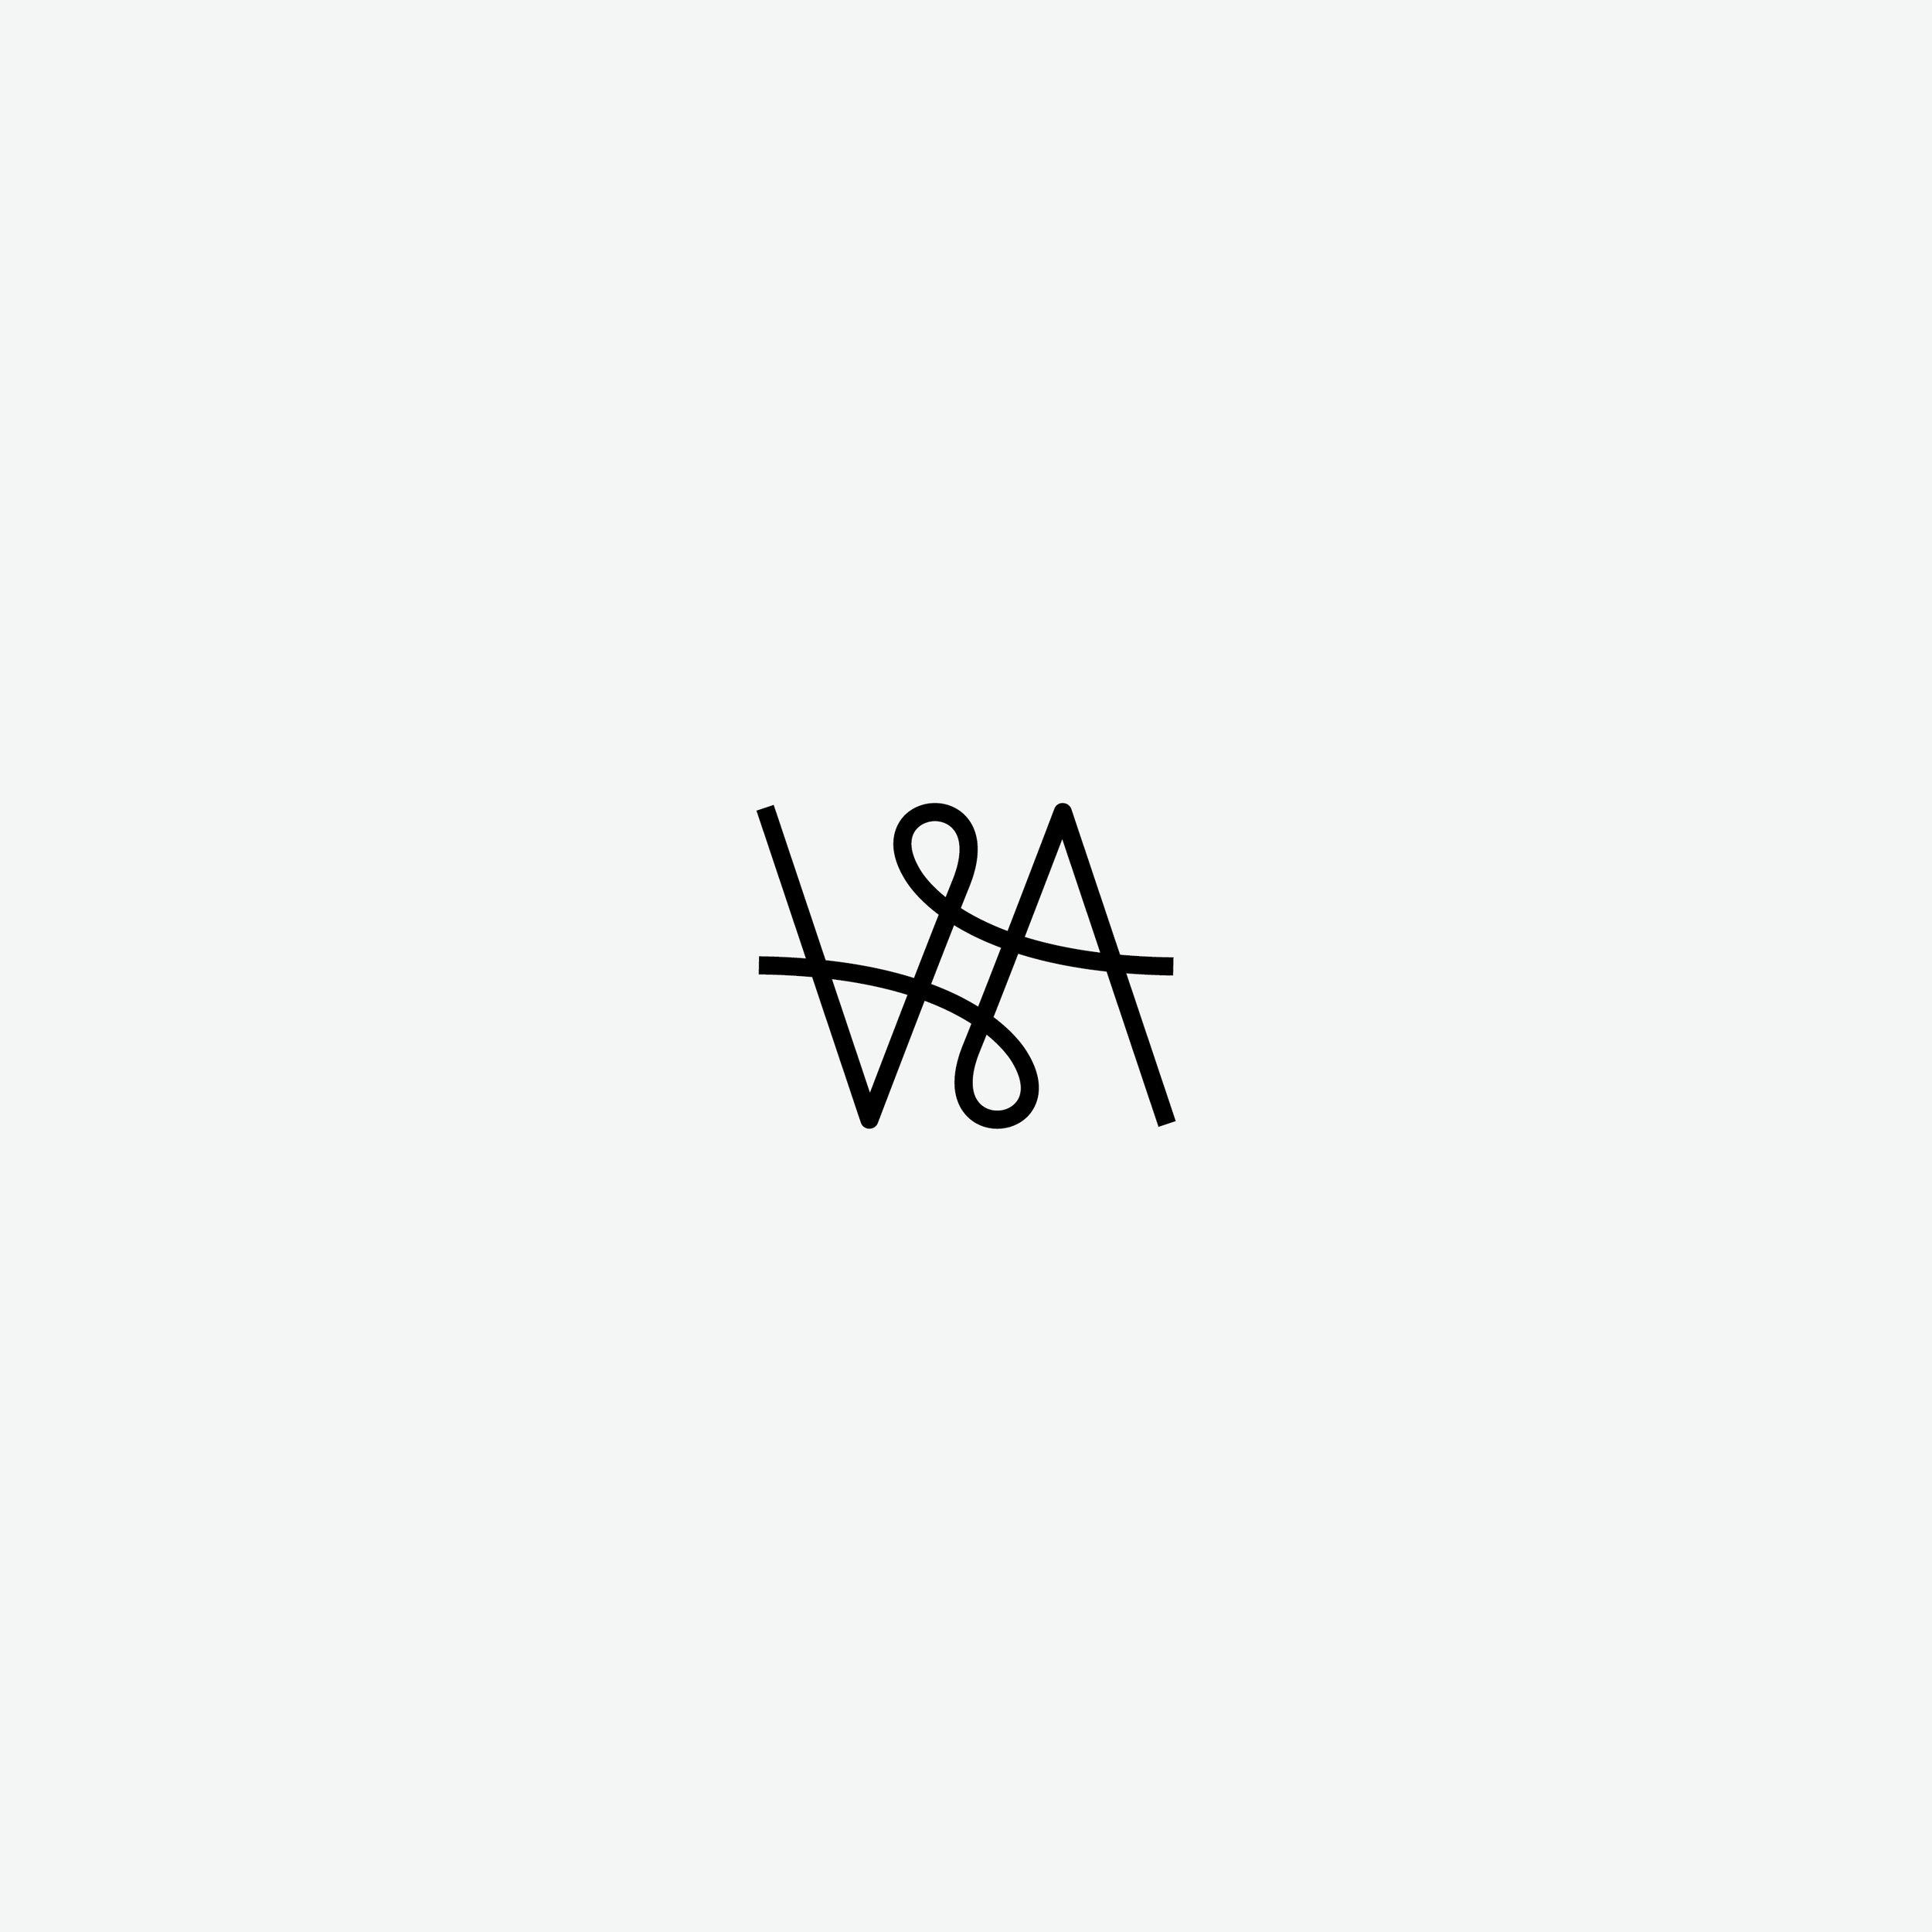 logo-template 3-12.jpg